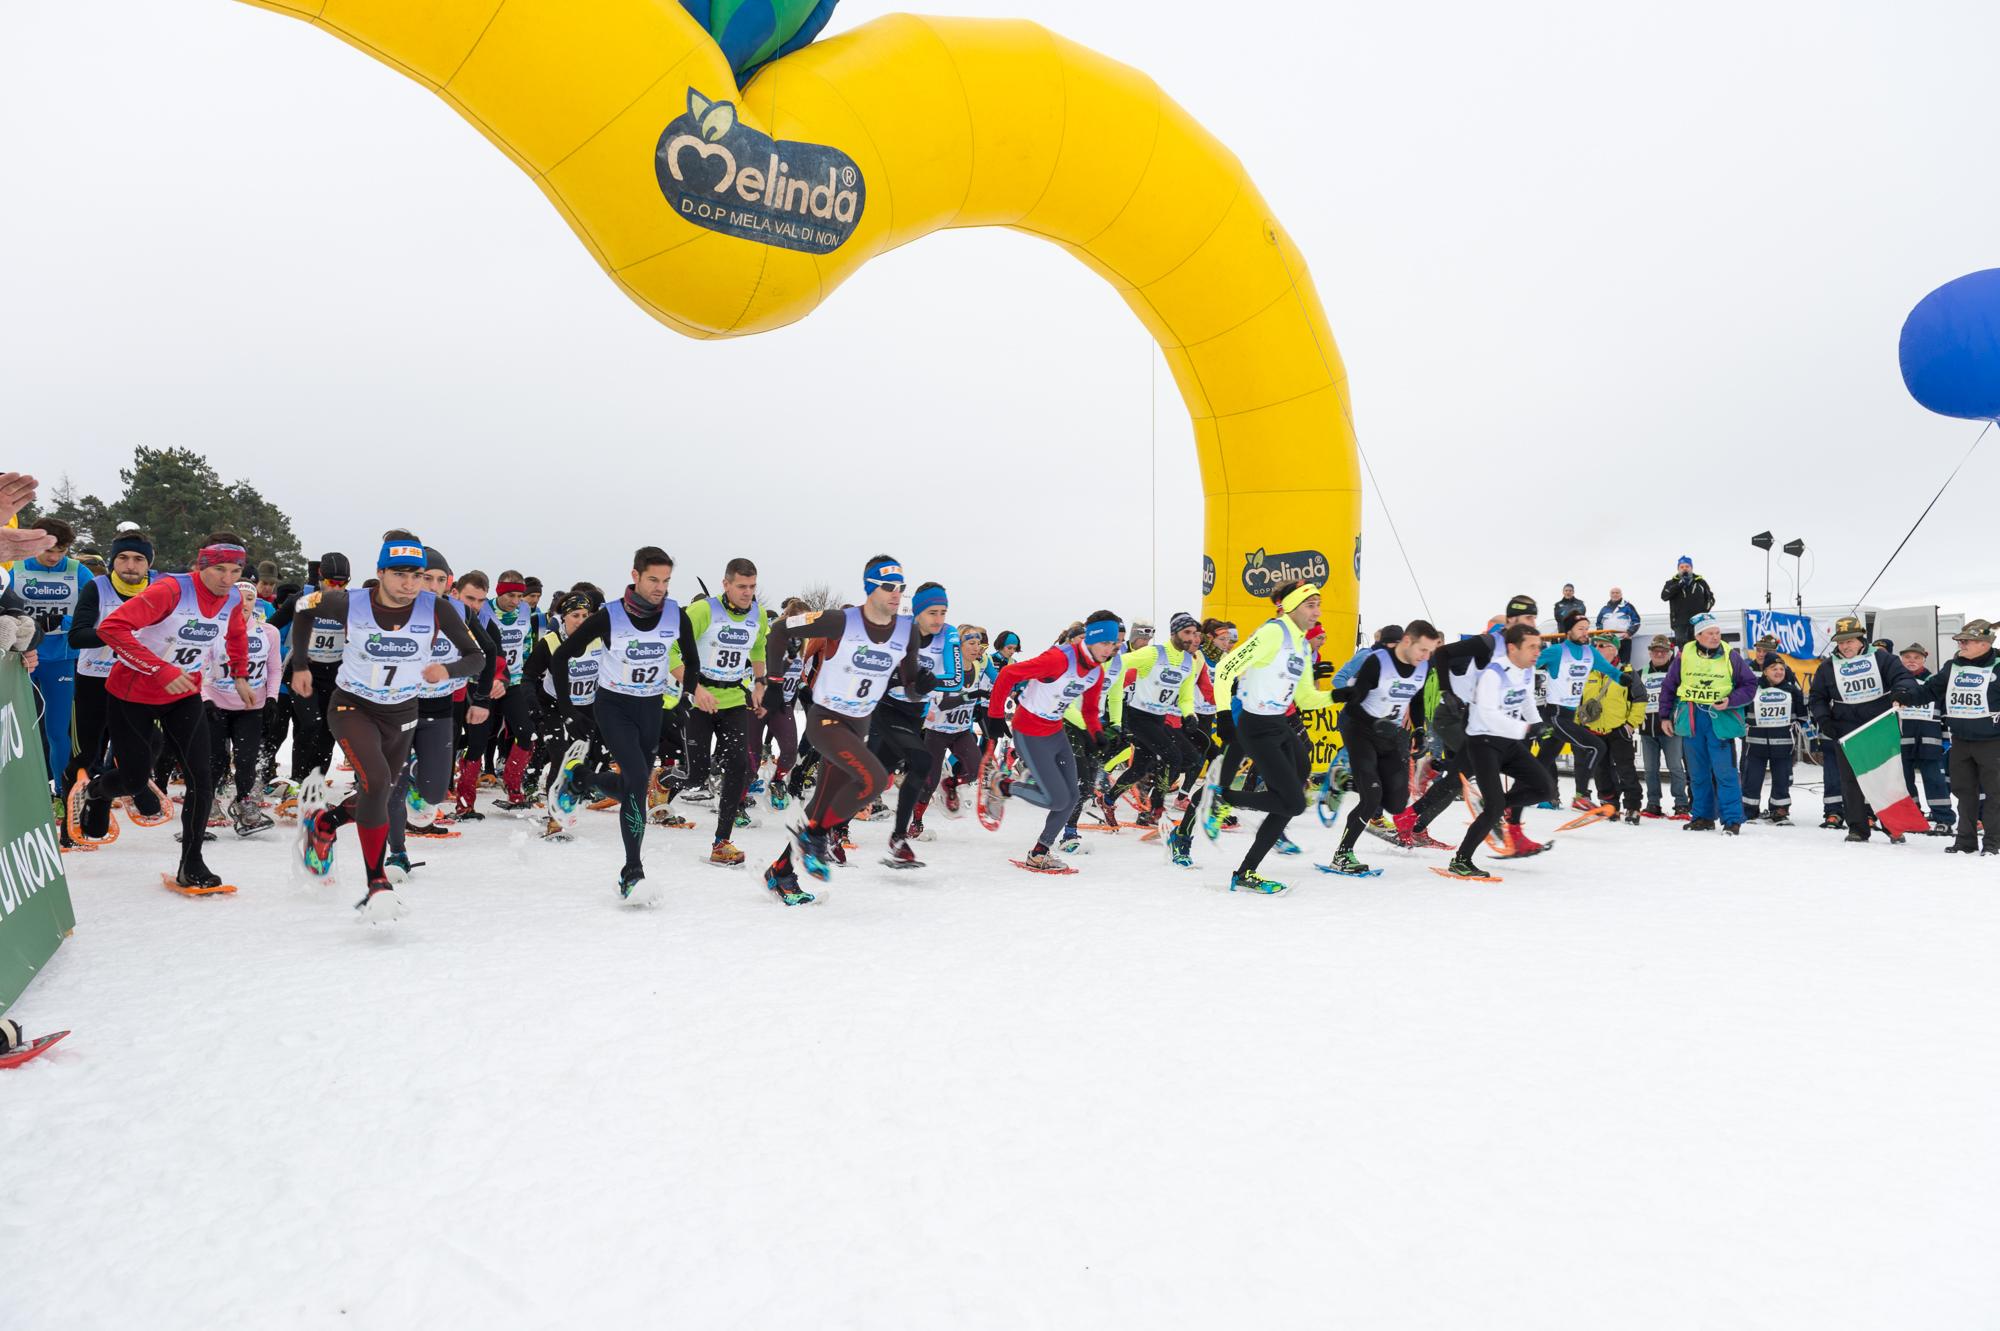 La Ciaspolada 2019 - Campionato del mondo di ciaspole